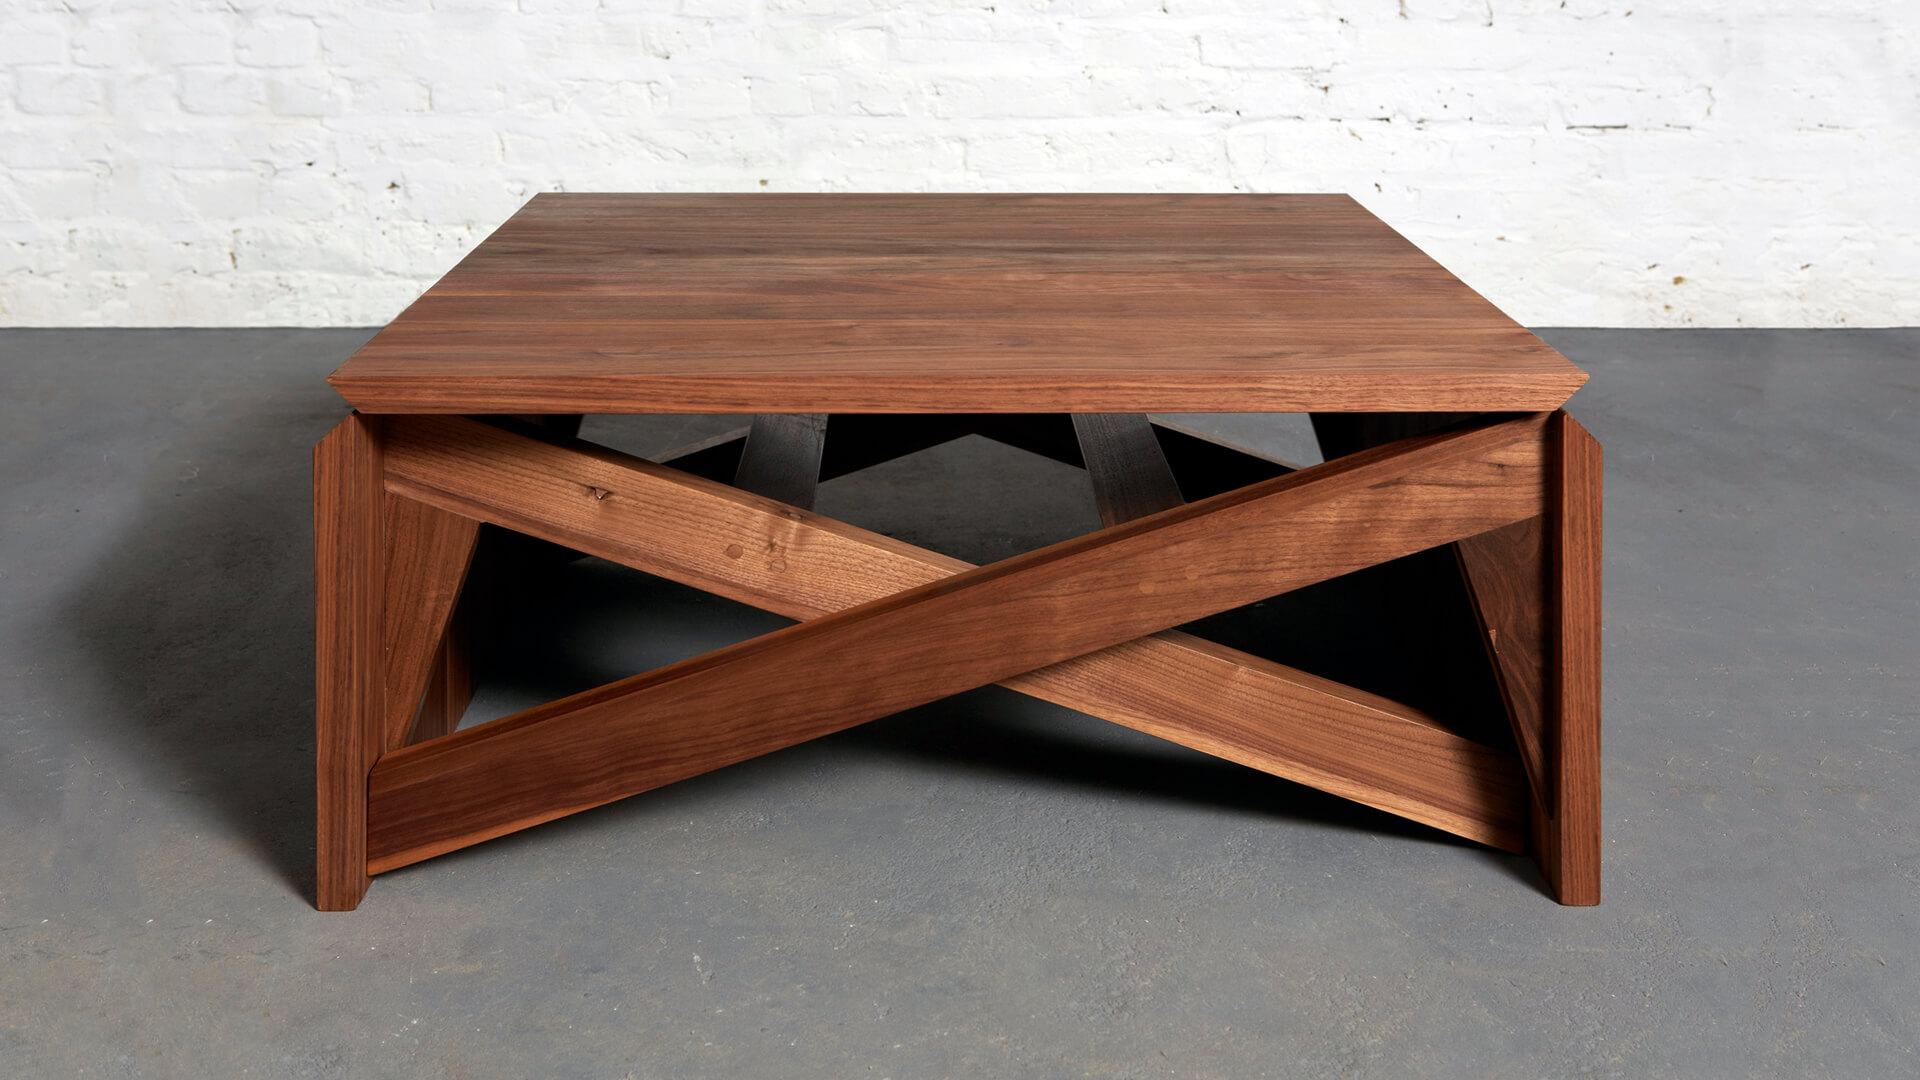 MK1 Transforming Coffee Table Duffy London